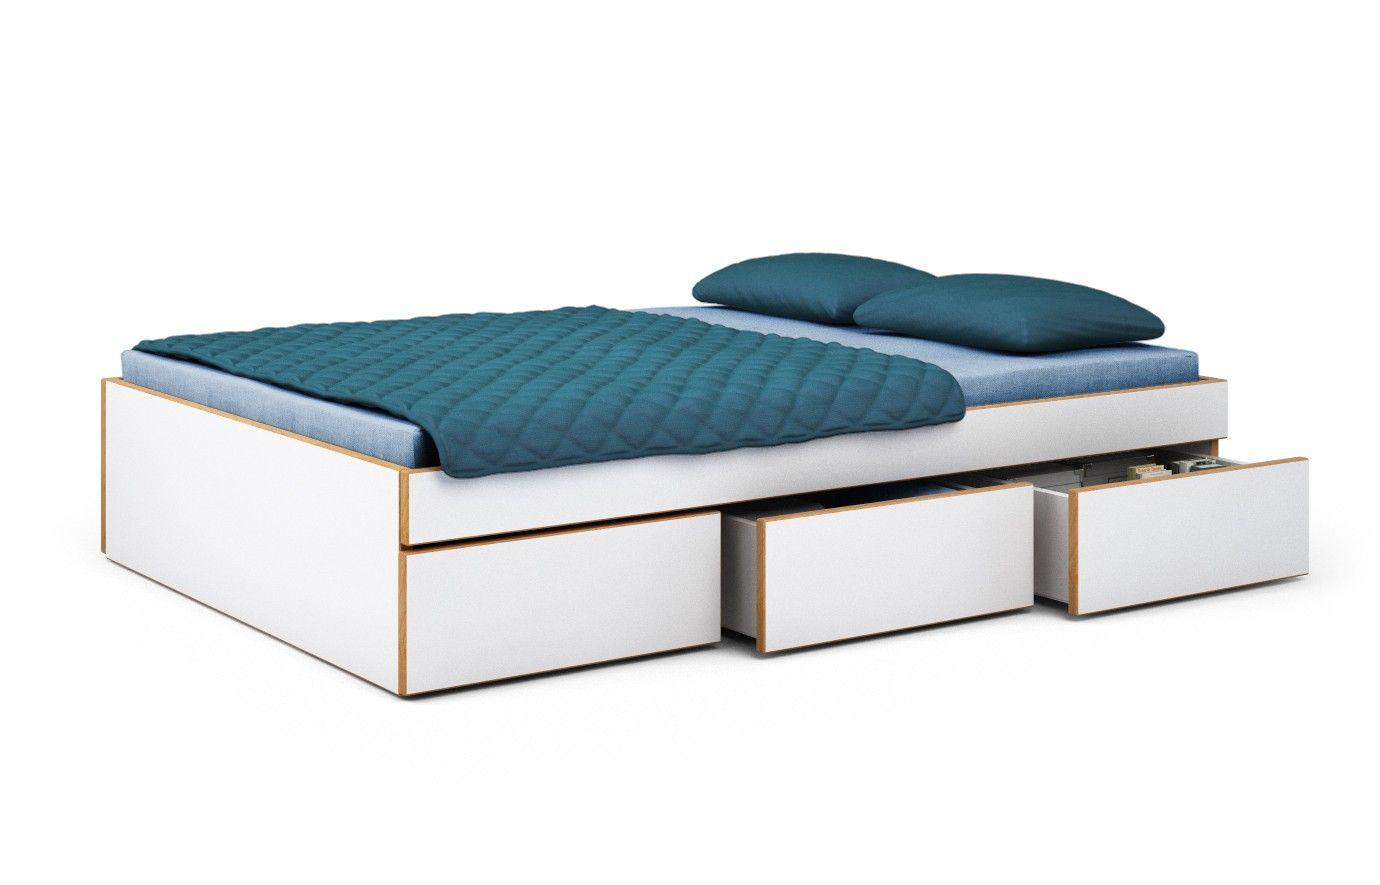 Full Size of Betten Mit Aufbewahrung Malm Bett Ikea 90x200 120x200 140x200 Stauraum 180x200 160x200 Aufbewahrungstasche Wohnwert Komplett Lattenrost Und Matratze Küche Bett Betten Mit Aufbewahrung